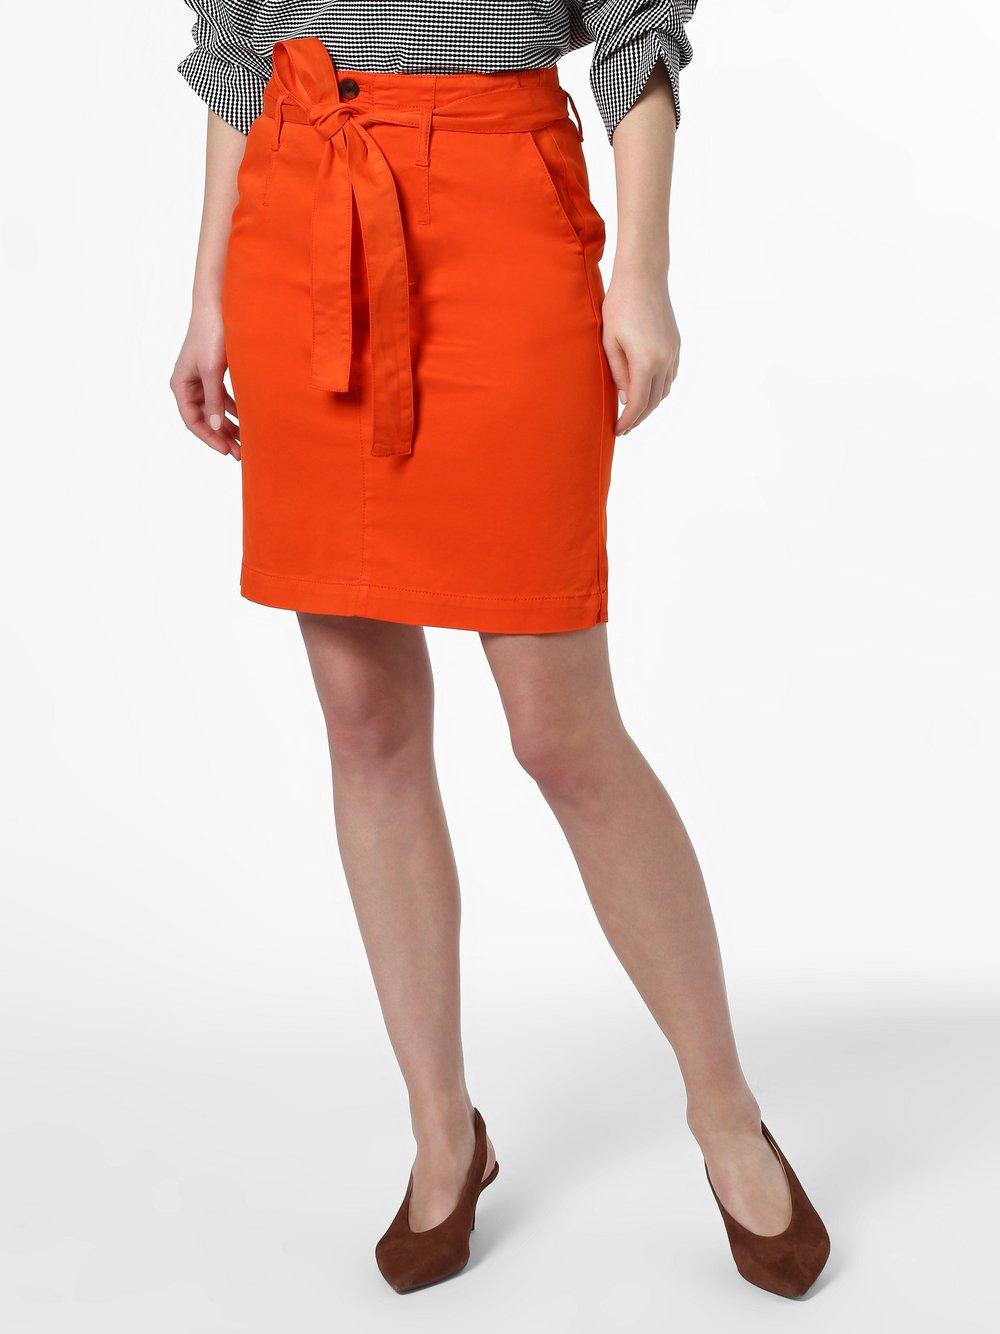 BOSS Casual – Damska spódnica – Briella-D, pomarańczowy Van Graaf 461336-0002-00380